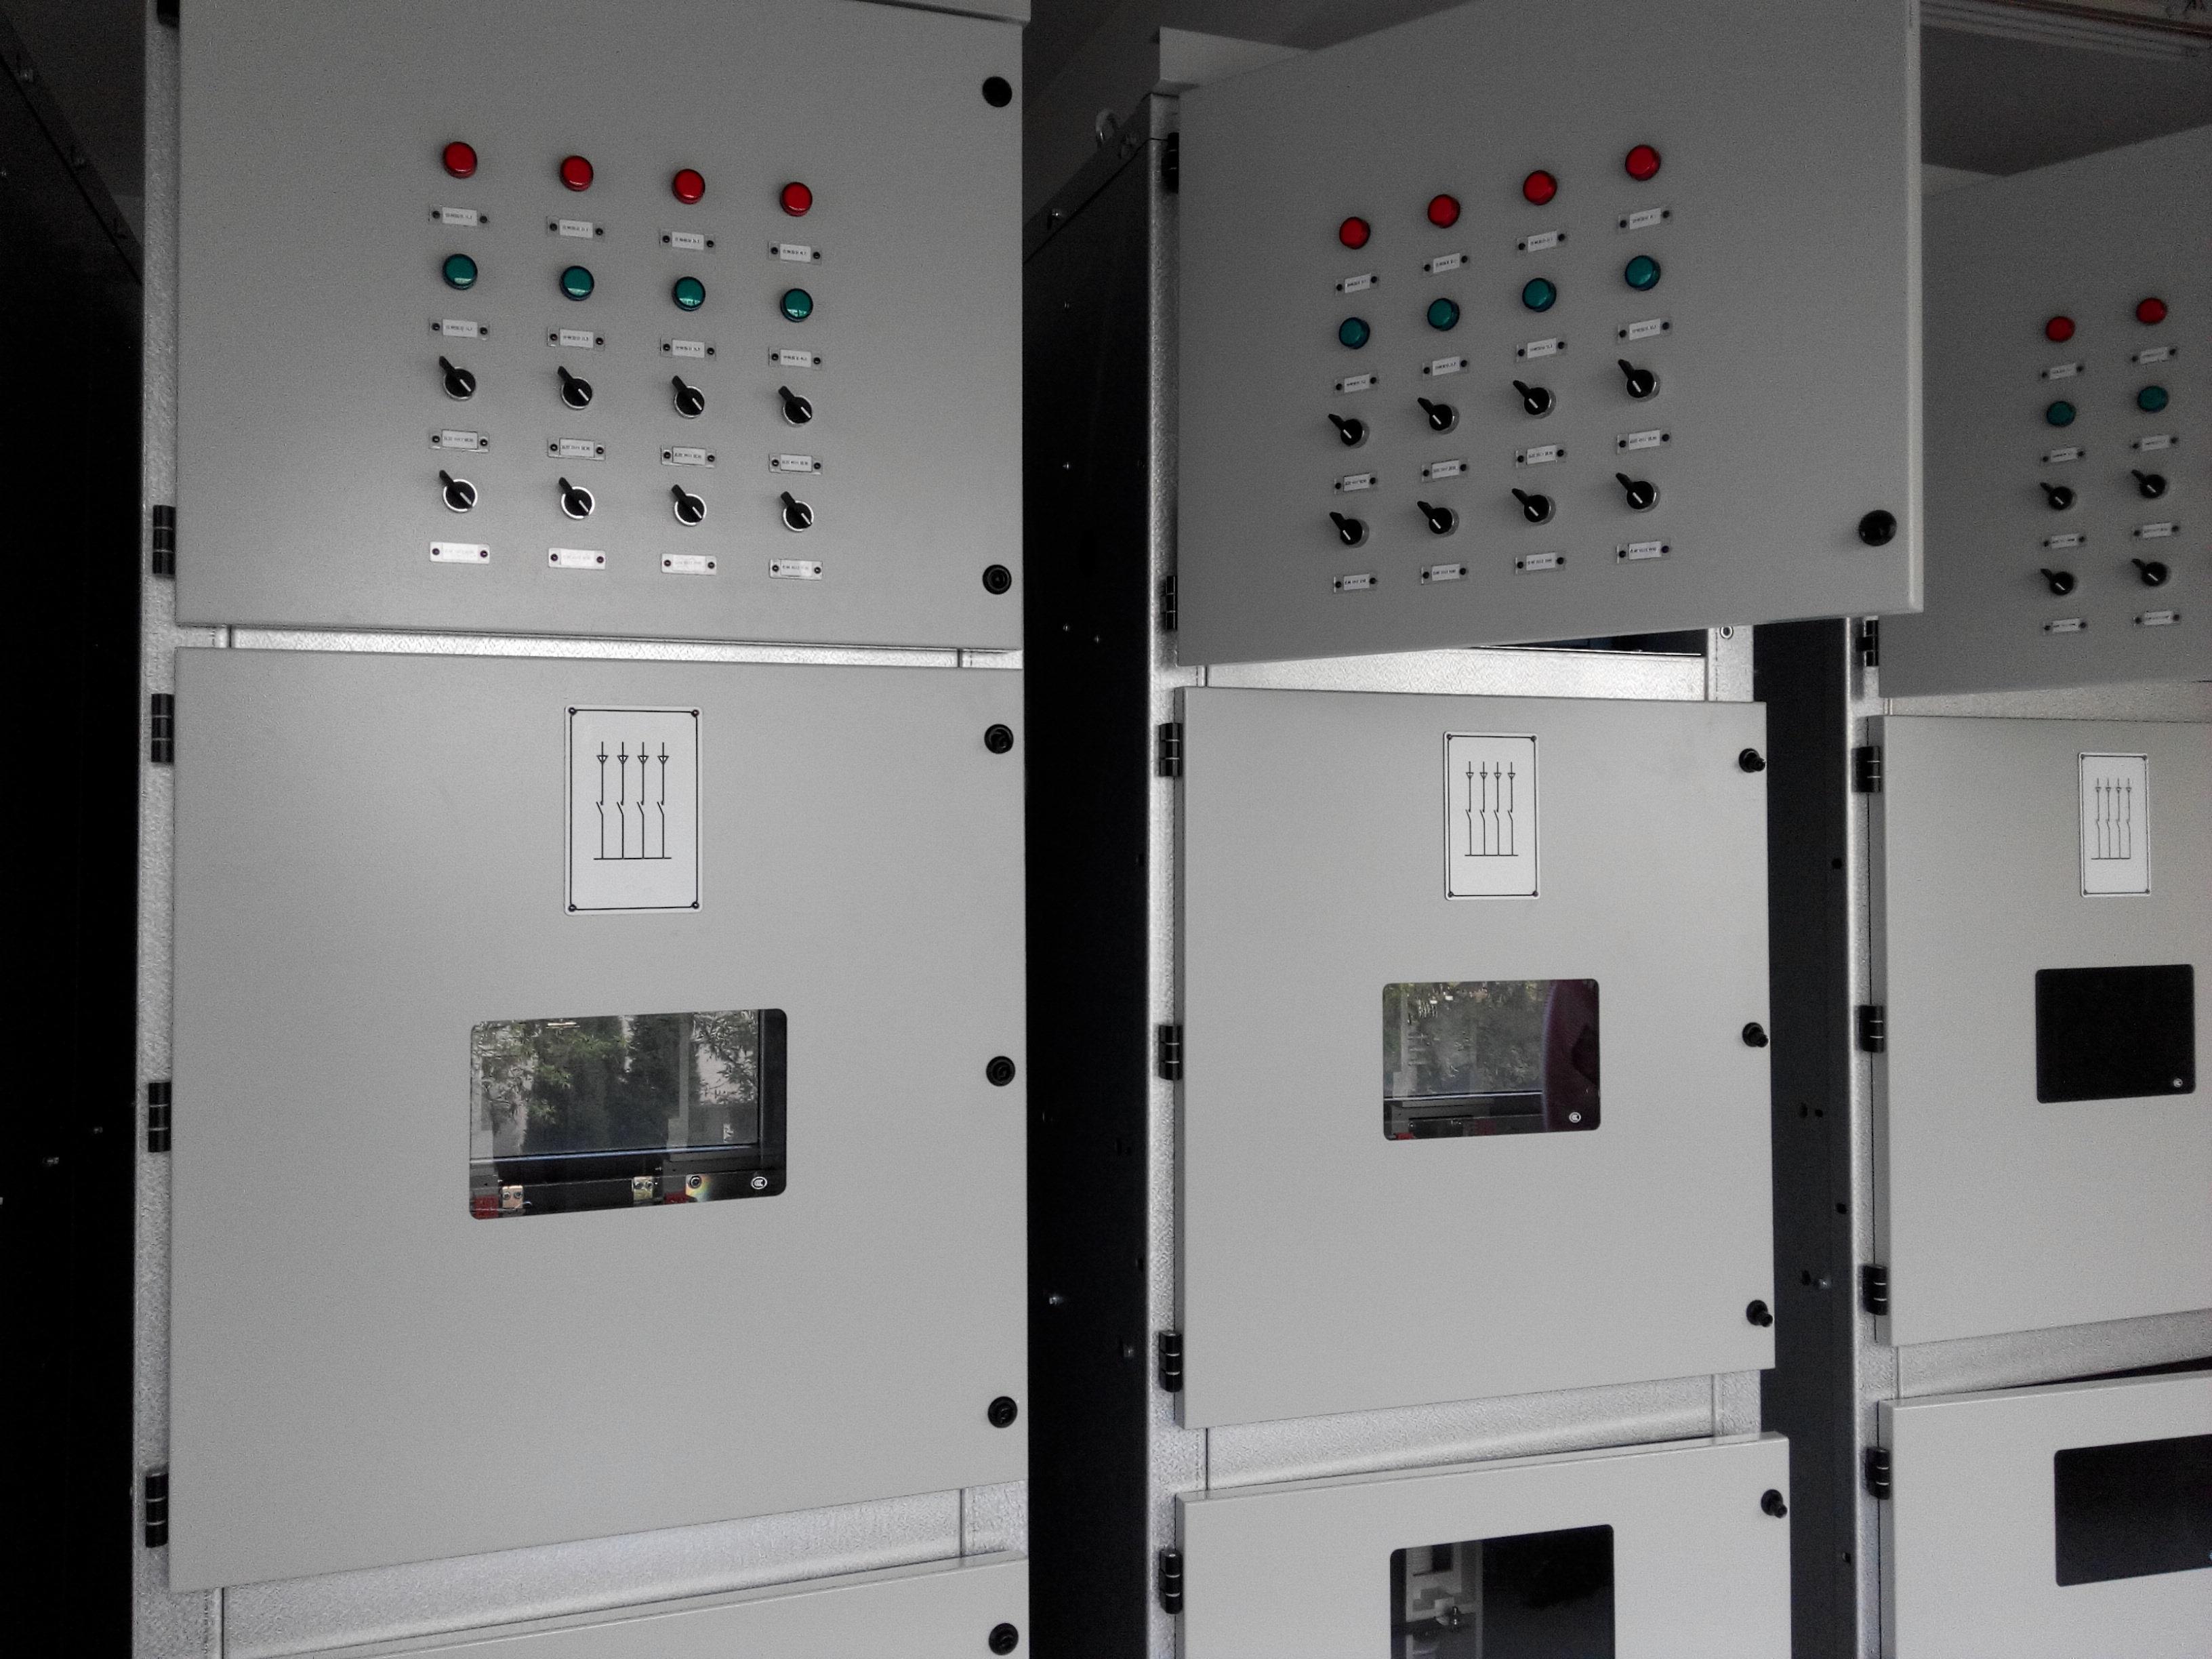 电阻柜日常维护需要注意哪些细节